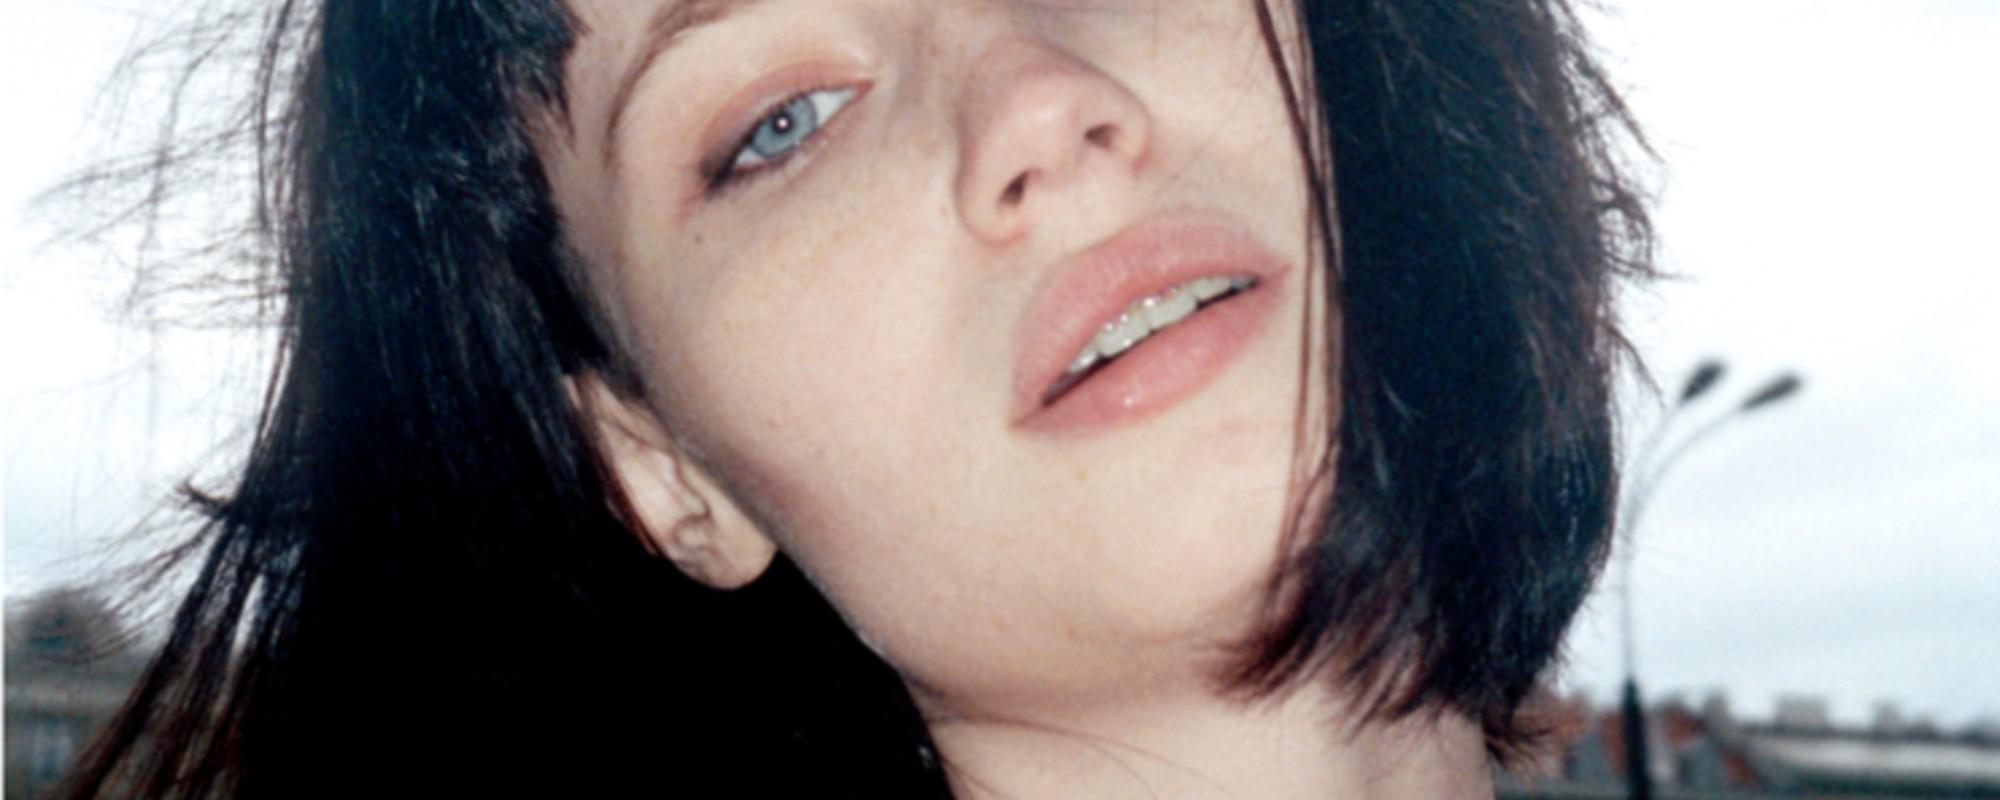 Se Ida Dortheas intime portrætter af den europæiske ungdom